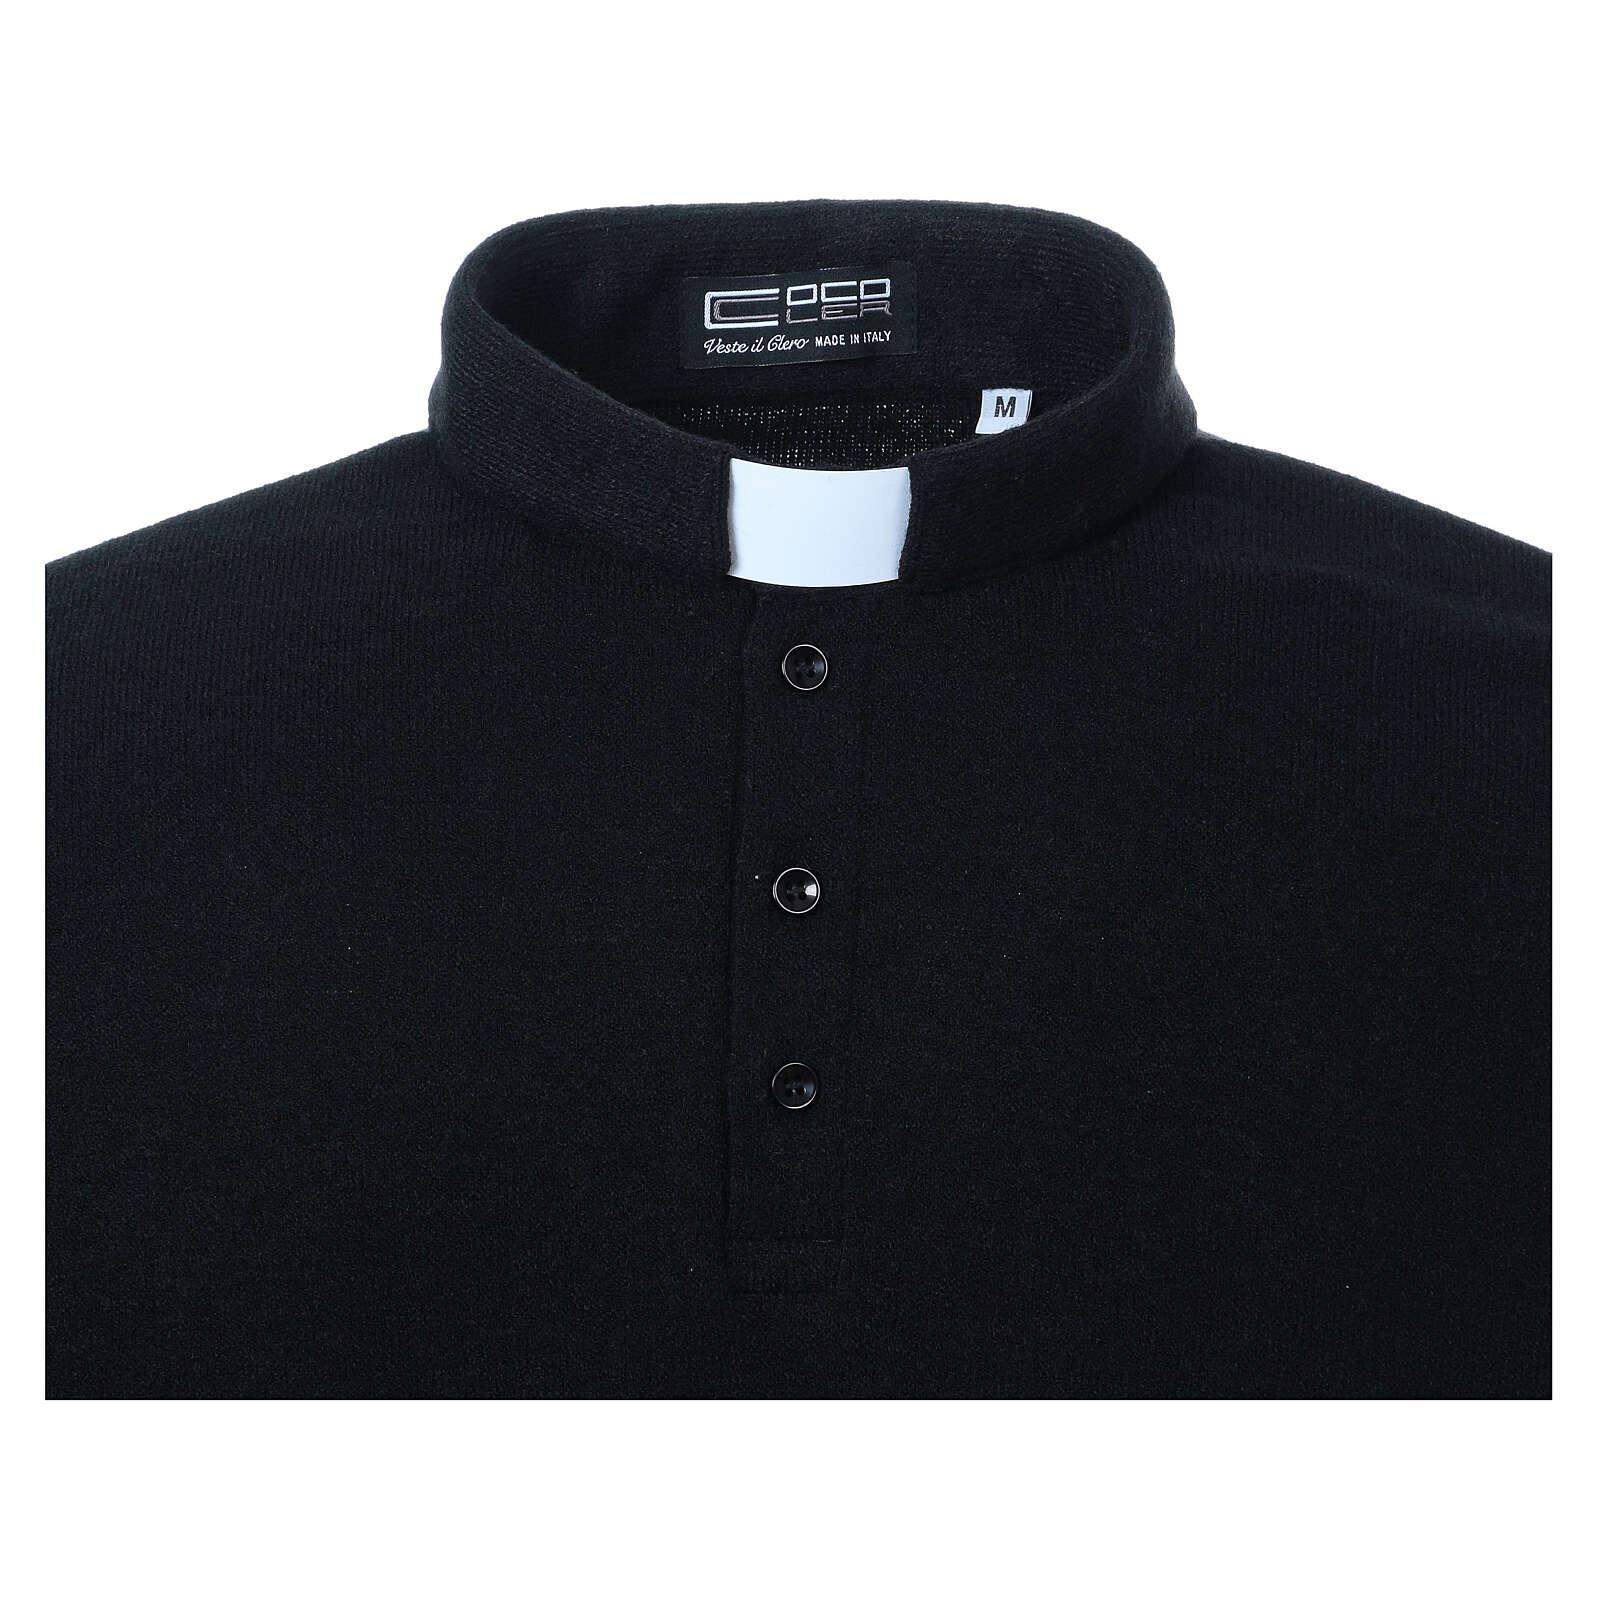 Jersey polo clergy negro de Mixta Lana 4